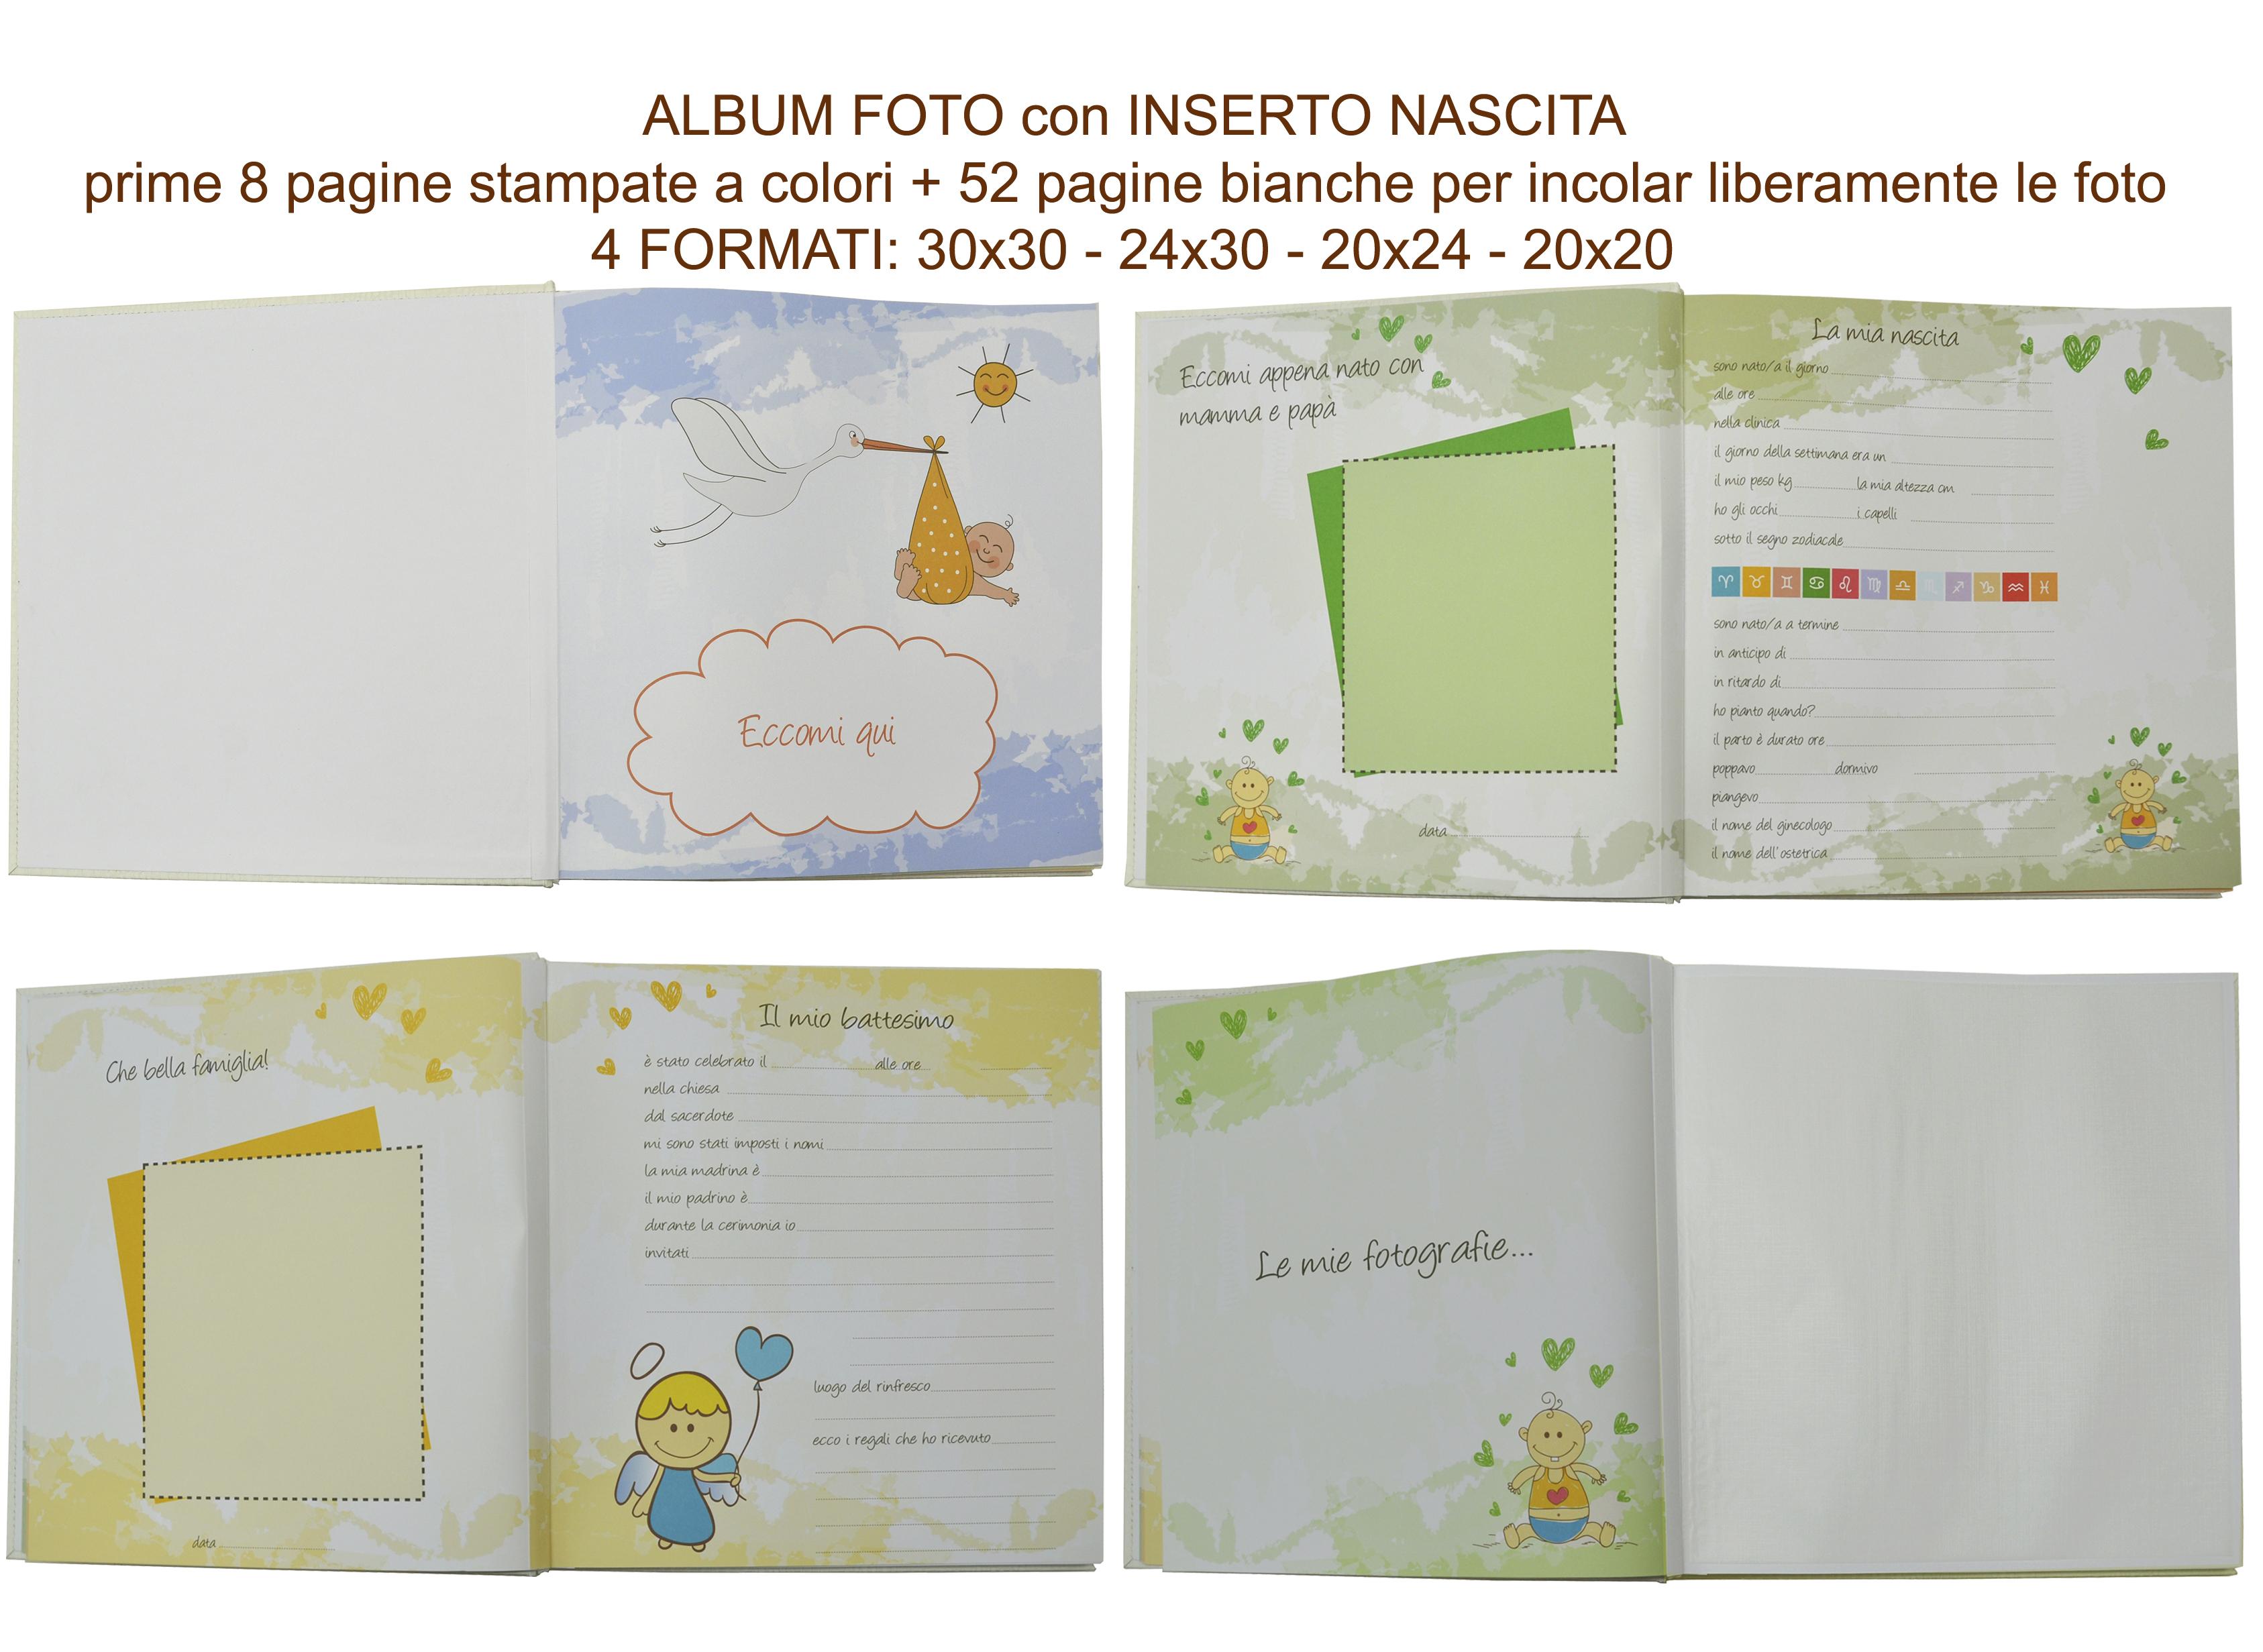 Fabula Album Fotografico con Inserto Nascita